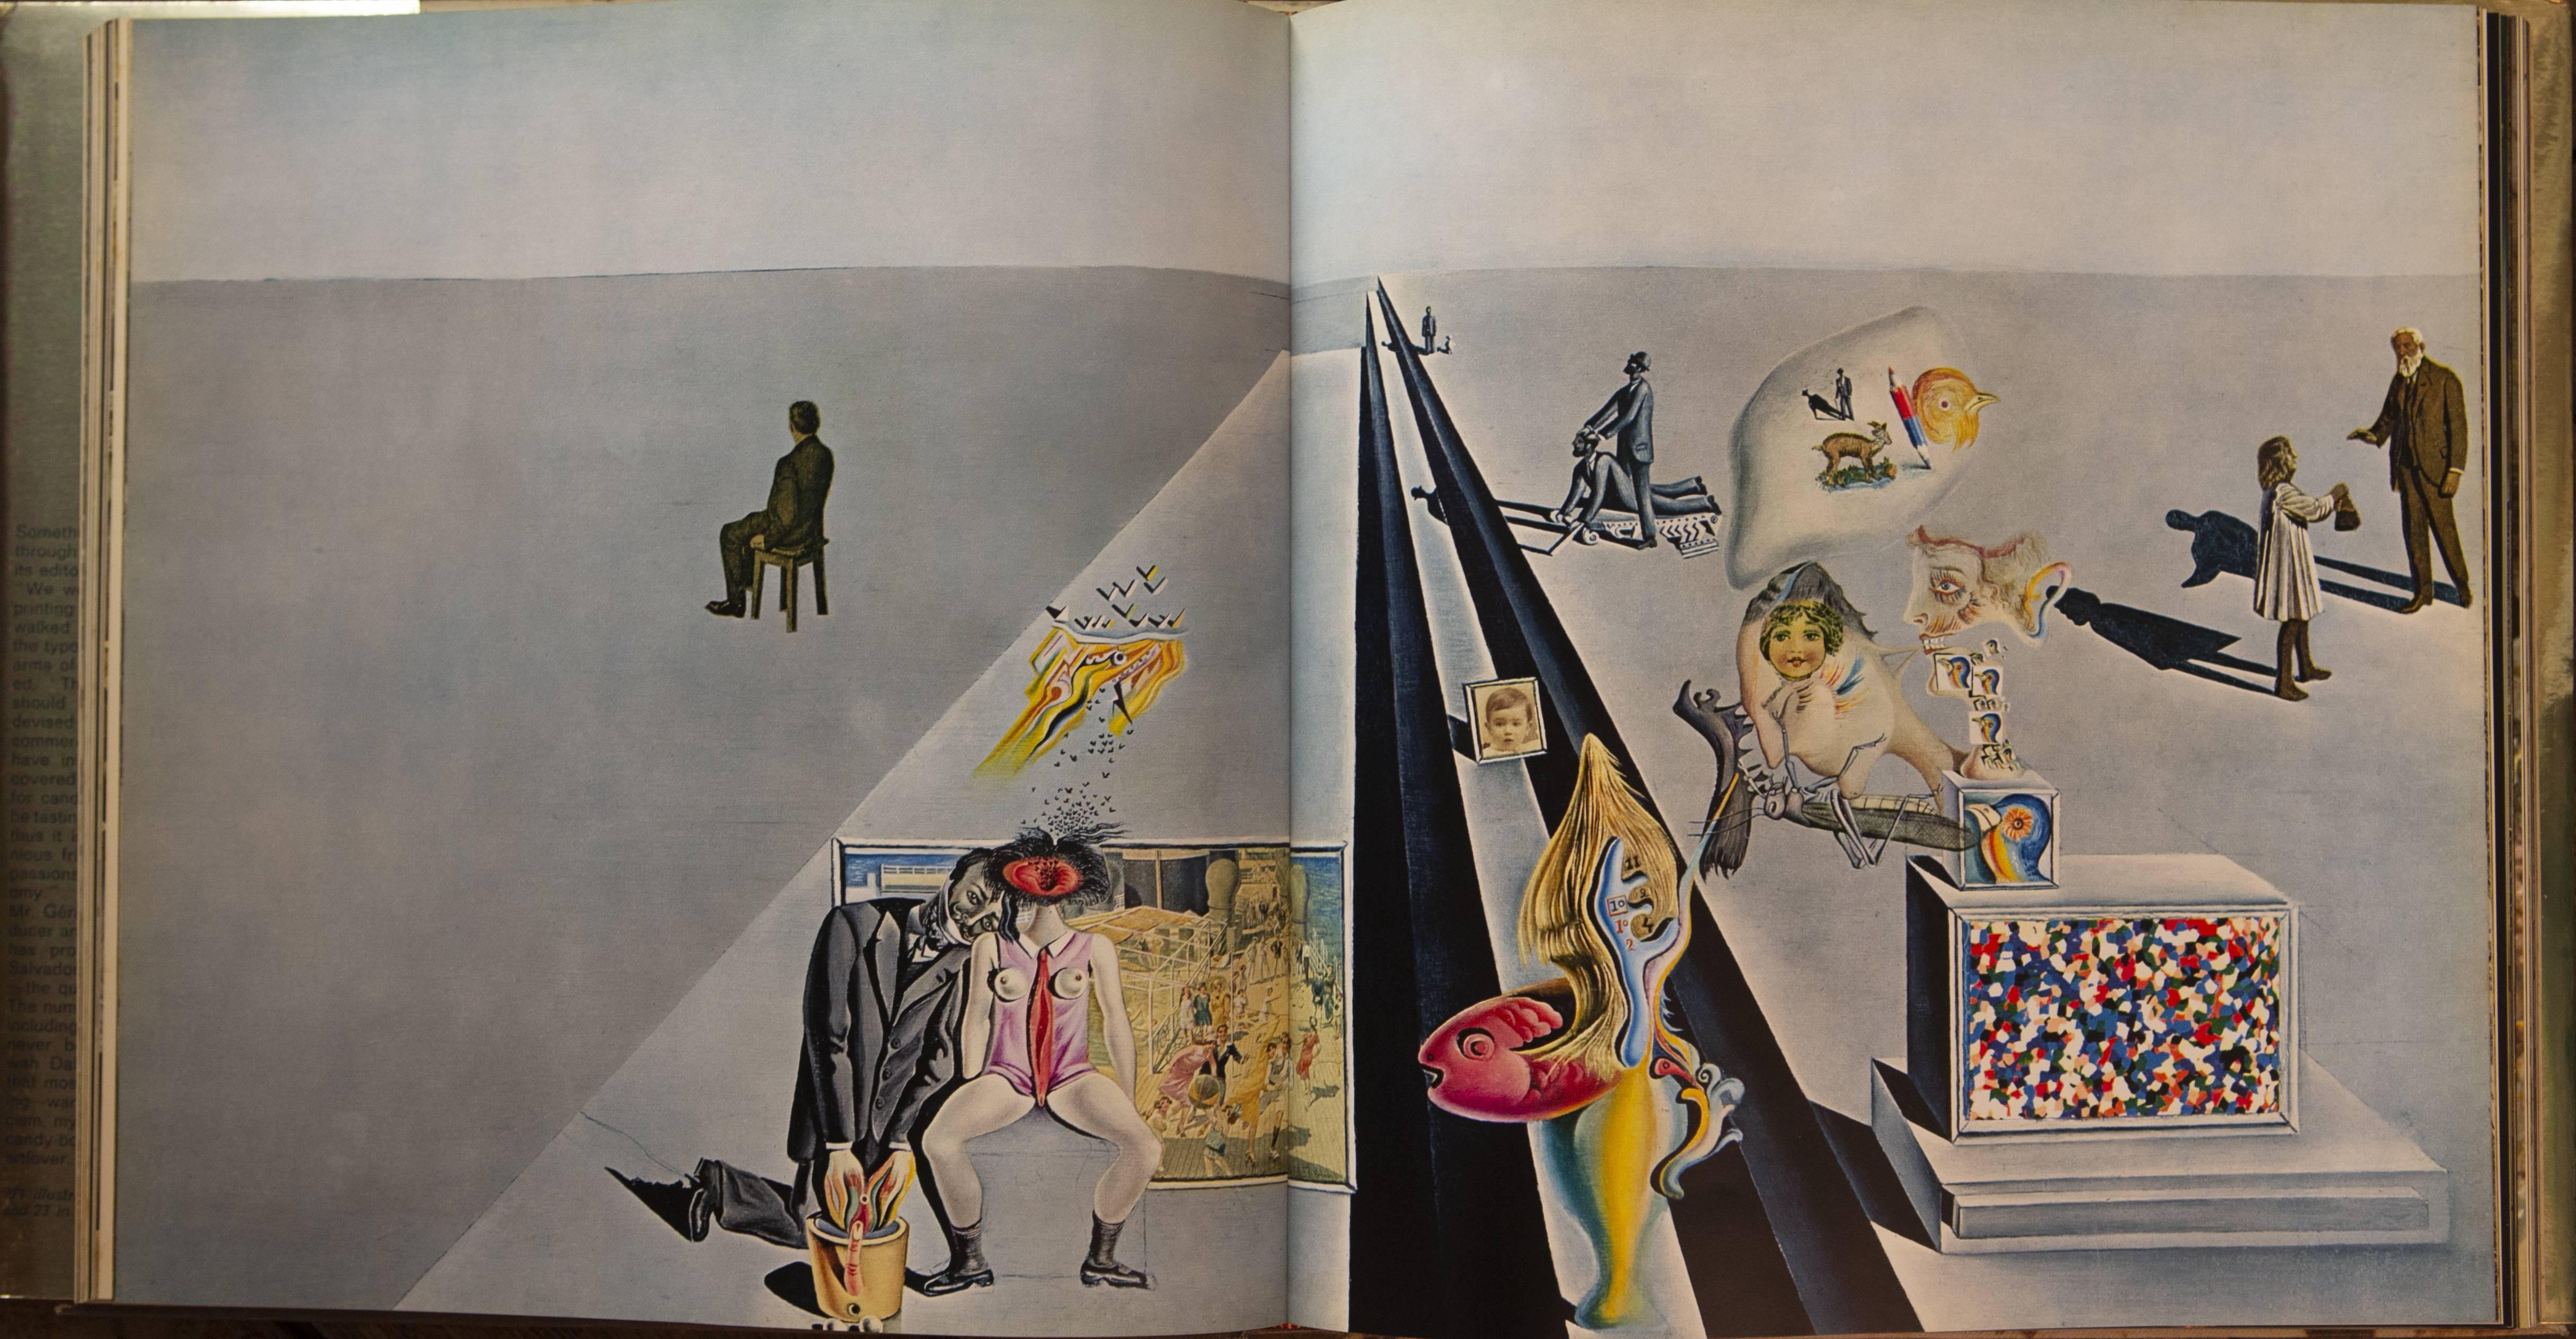 達利的早期作品《The First Days of Spring》(1929),為他邁向超現實主義的初步嘗試。圖為書店有售的達利畫集內頁。